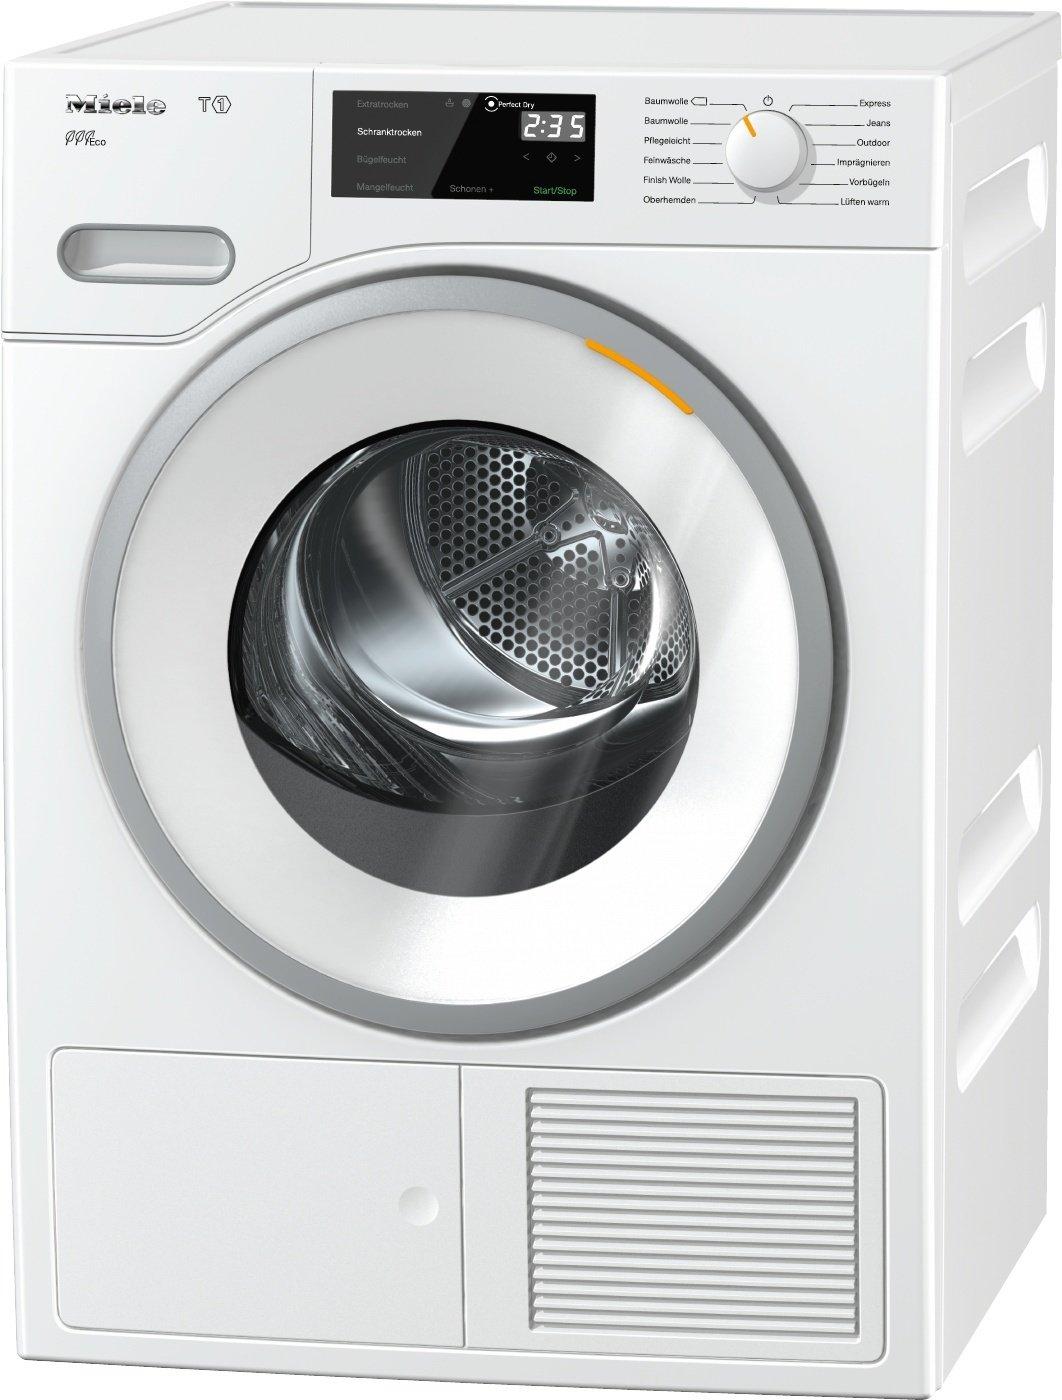 Miele TWF 620 WP Active Plus Wärmepumpentrockner / Energieklasse A+++ (171kWh/Jahr) / 8 kg Schontrommel / Duftflakon für frisch duftende Wäsche / Startvorwahl und Restzeitanzeige / Knitterschutz [Energieklasse A+++] Miele & Cie. KG TWF620 WP Eco